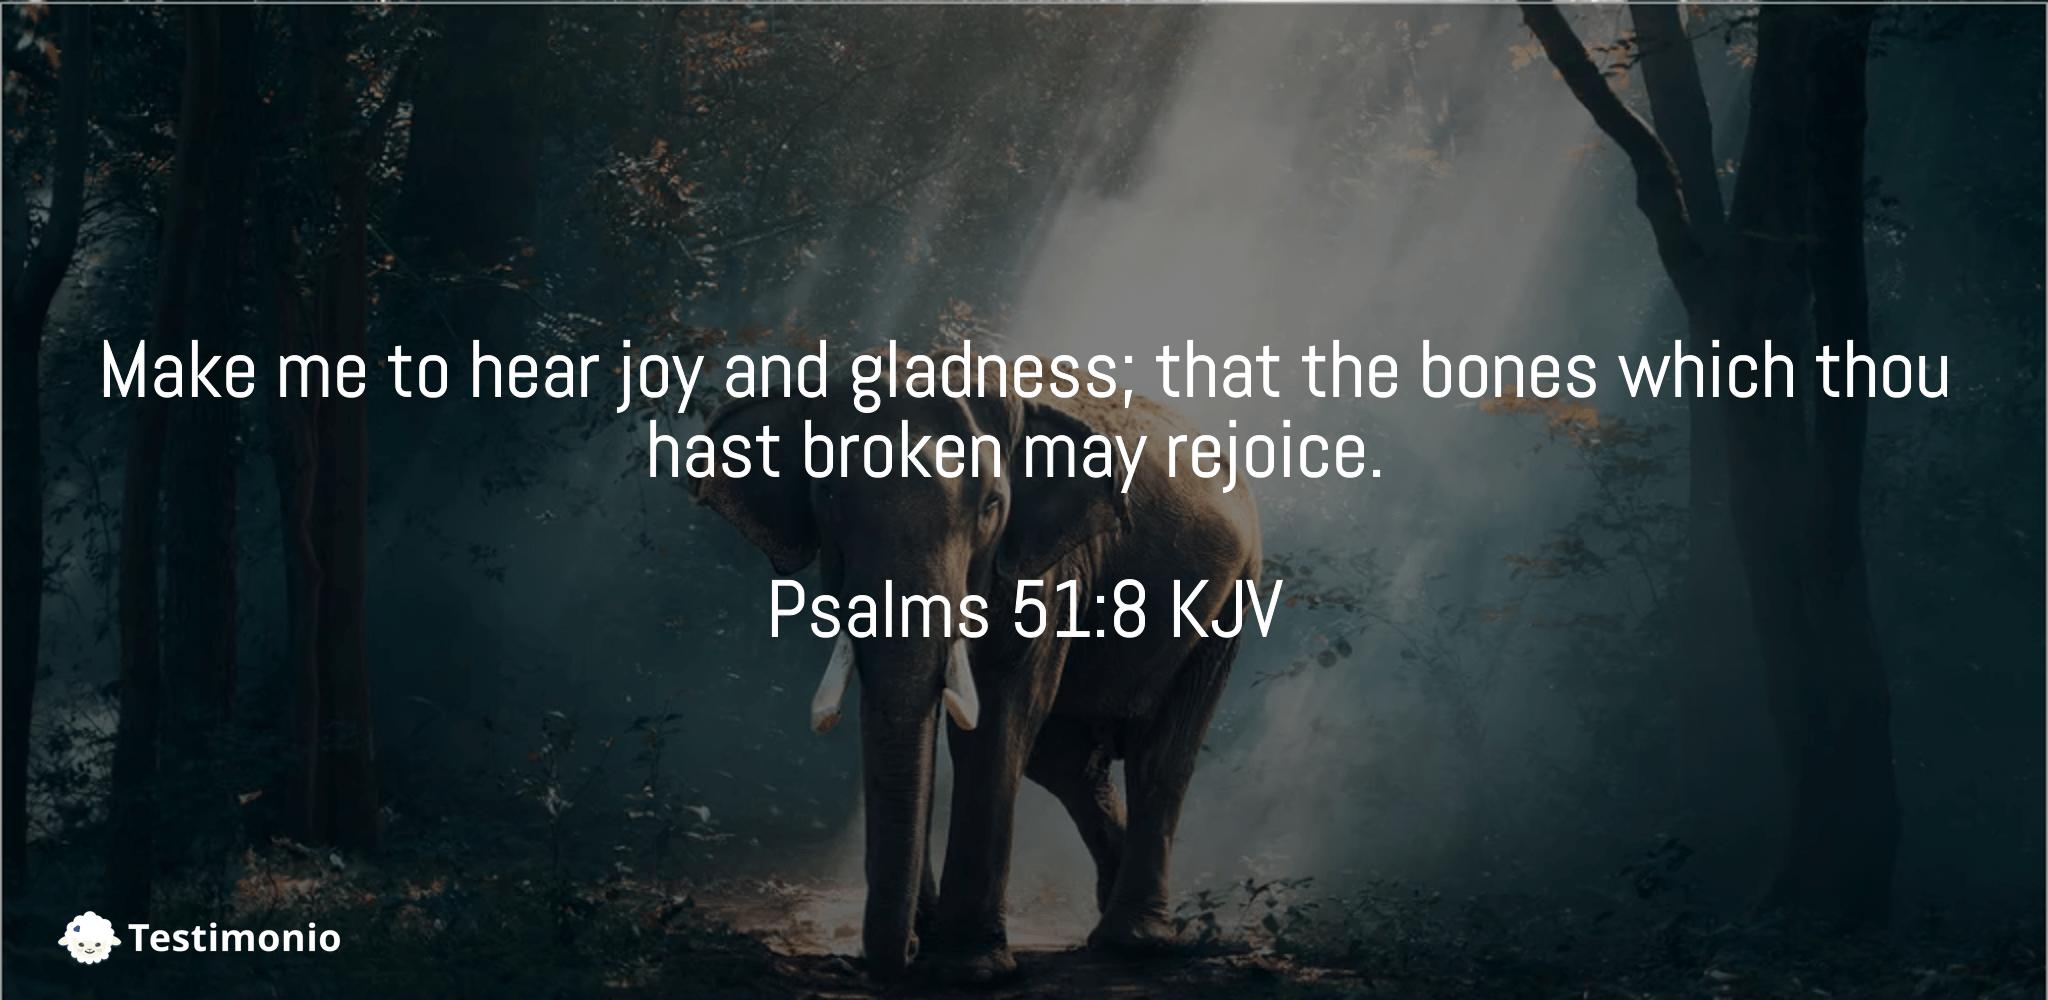 Psalms 51:8